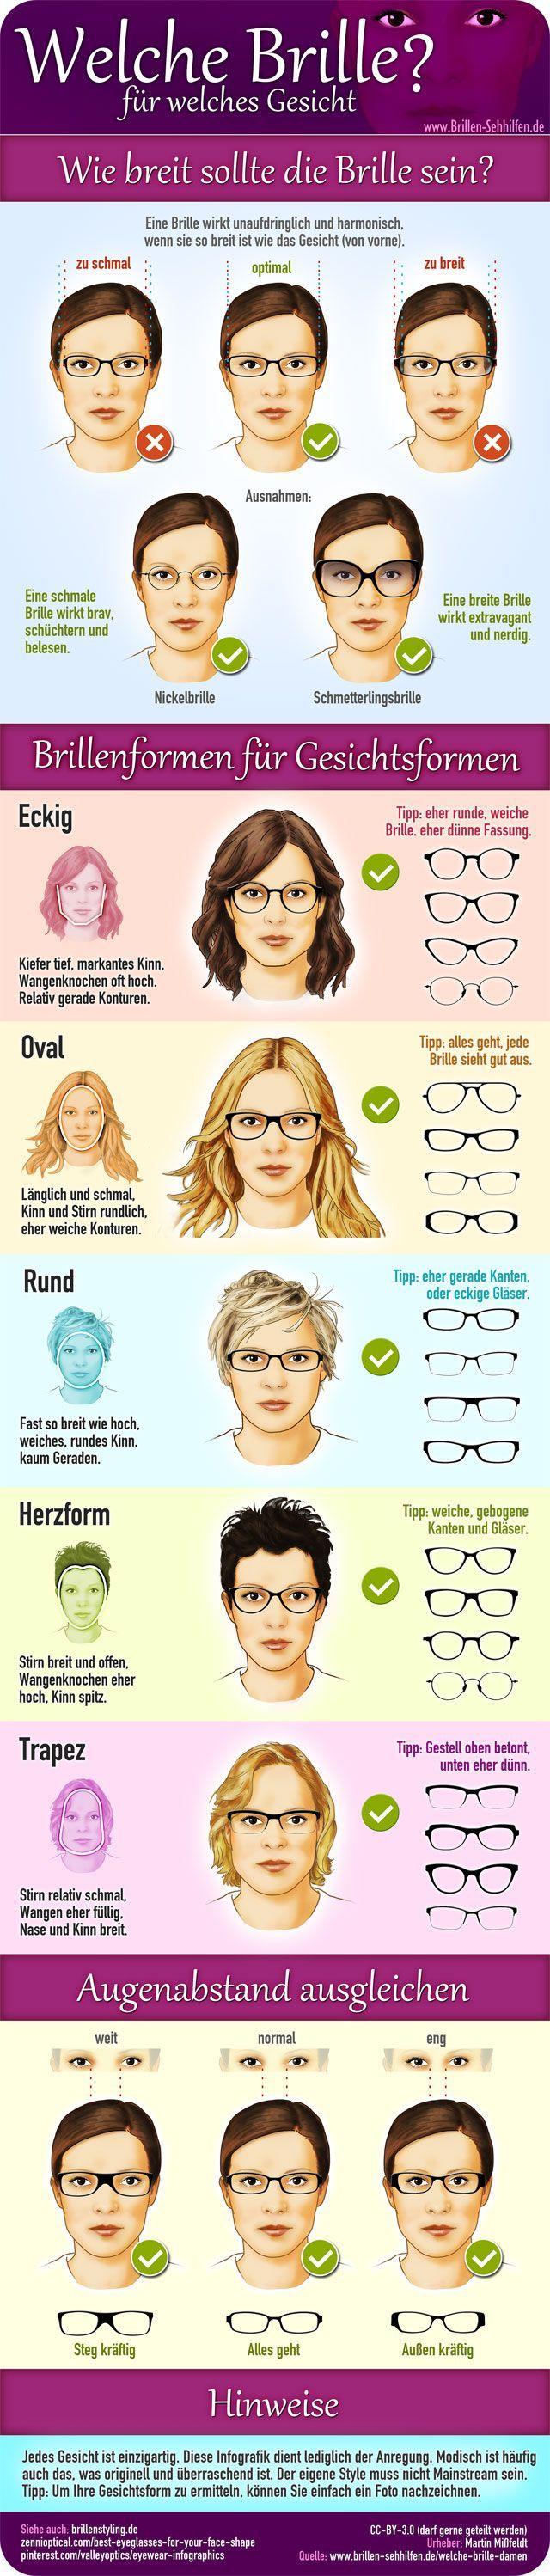 Welche Brille für welches Gesicht (Damenbrille) -> Quelle und mehr ...